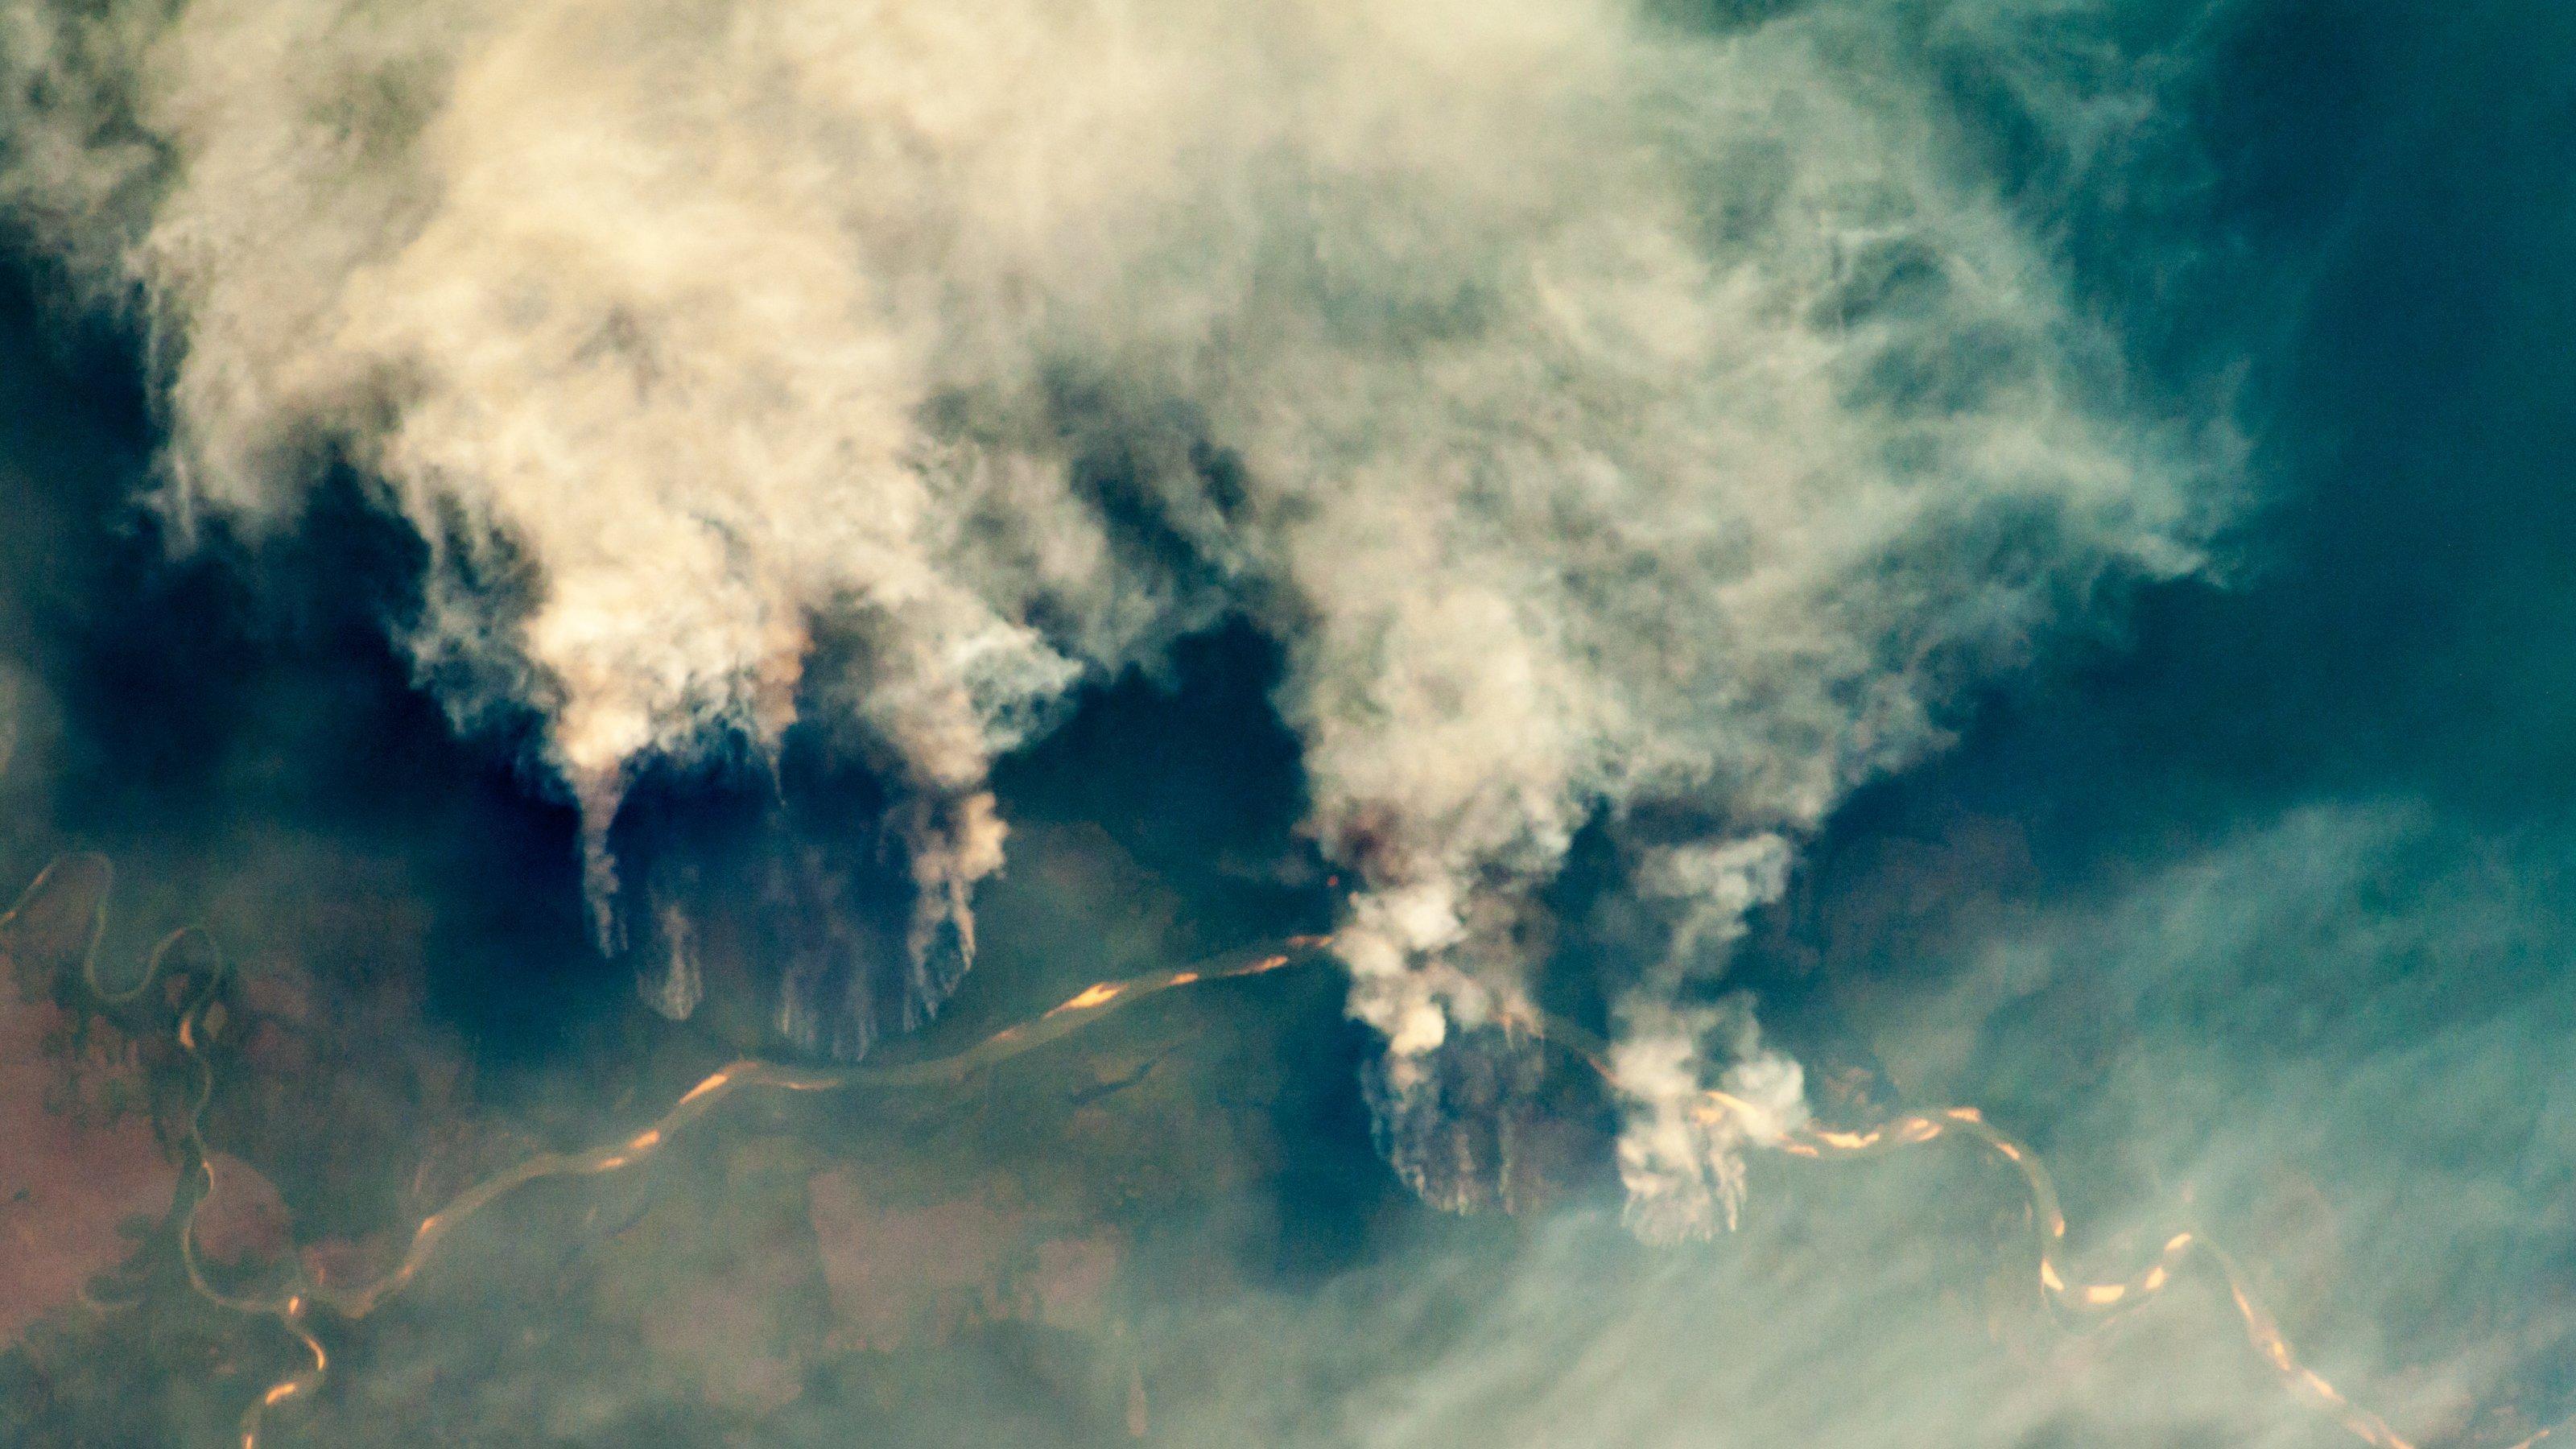 Satellitenaufnahme von brennendem Regenwald, Rauchsäulen steigen in große Höhe auf